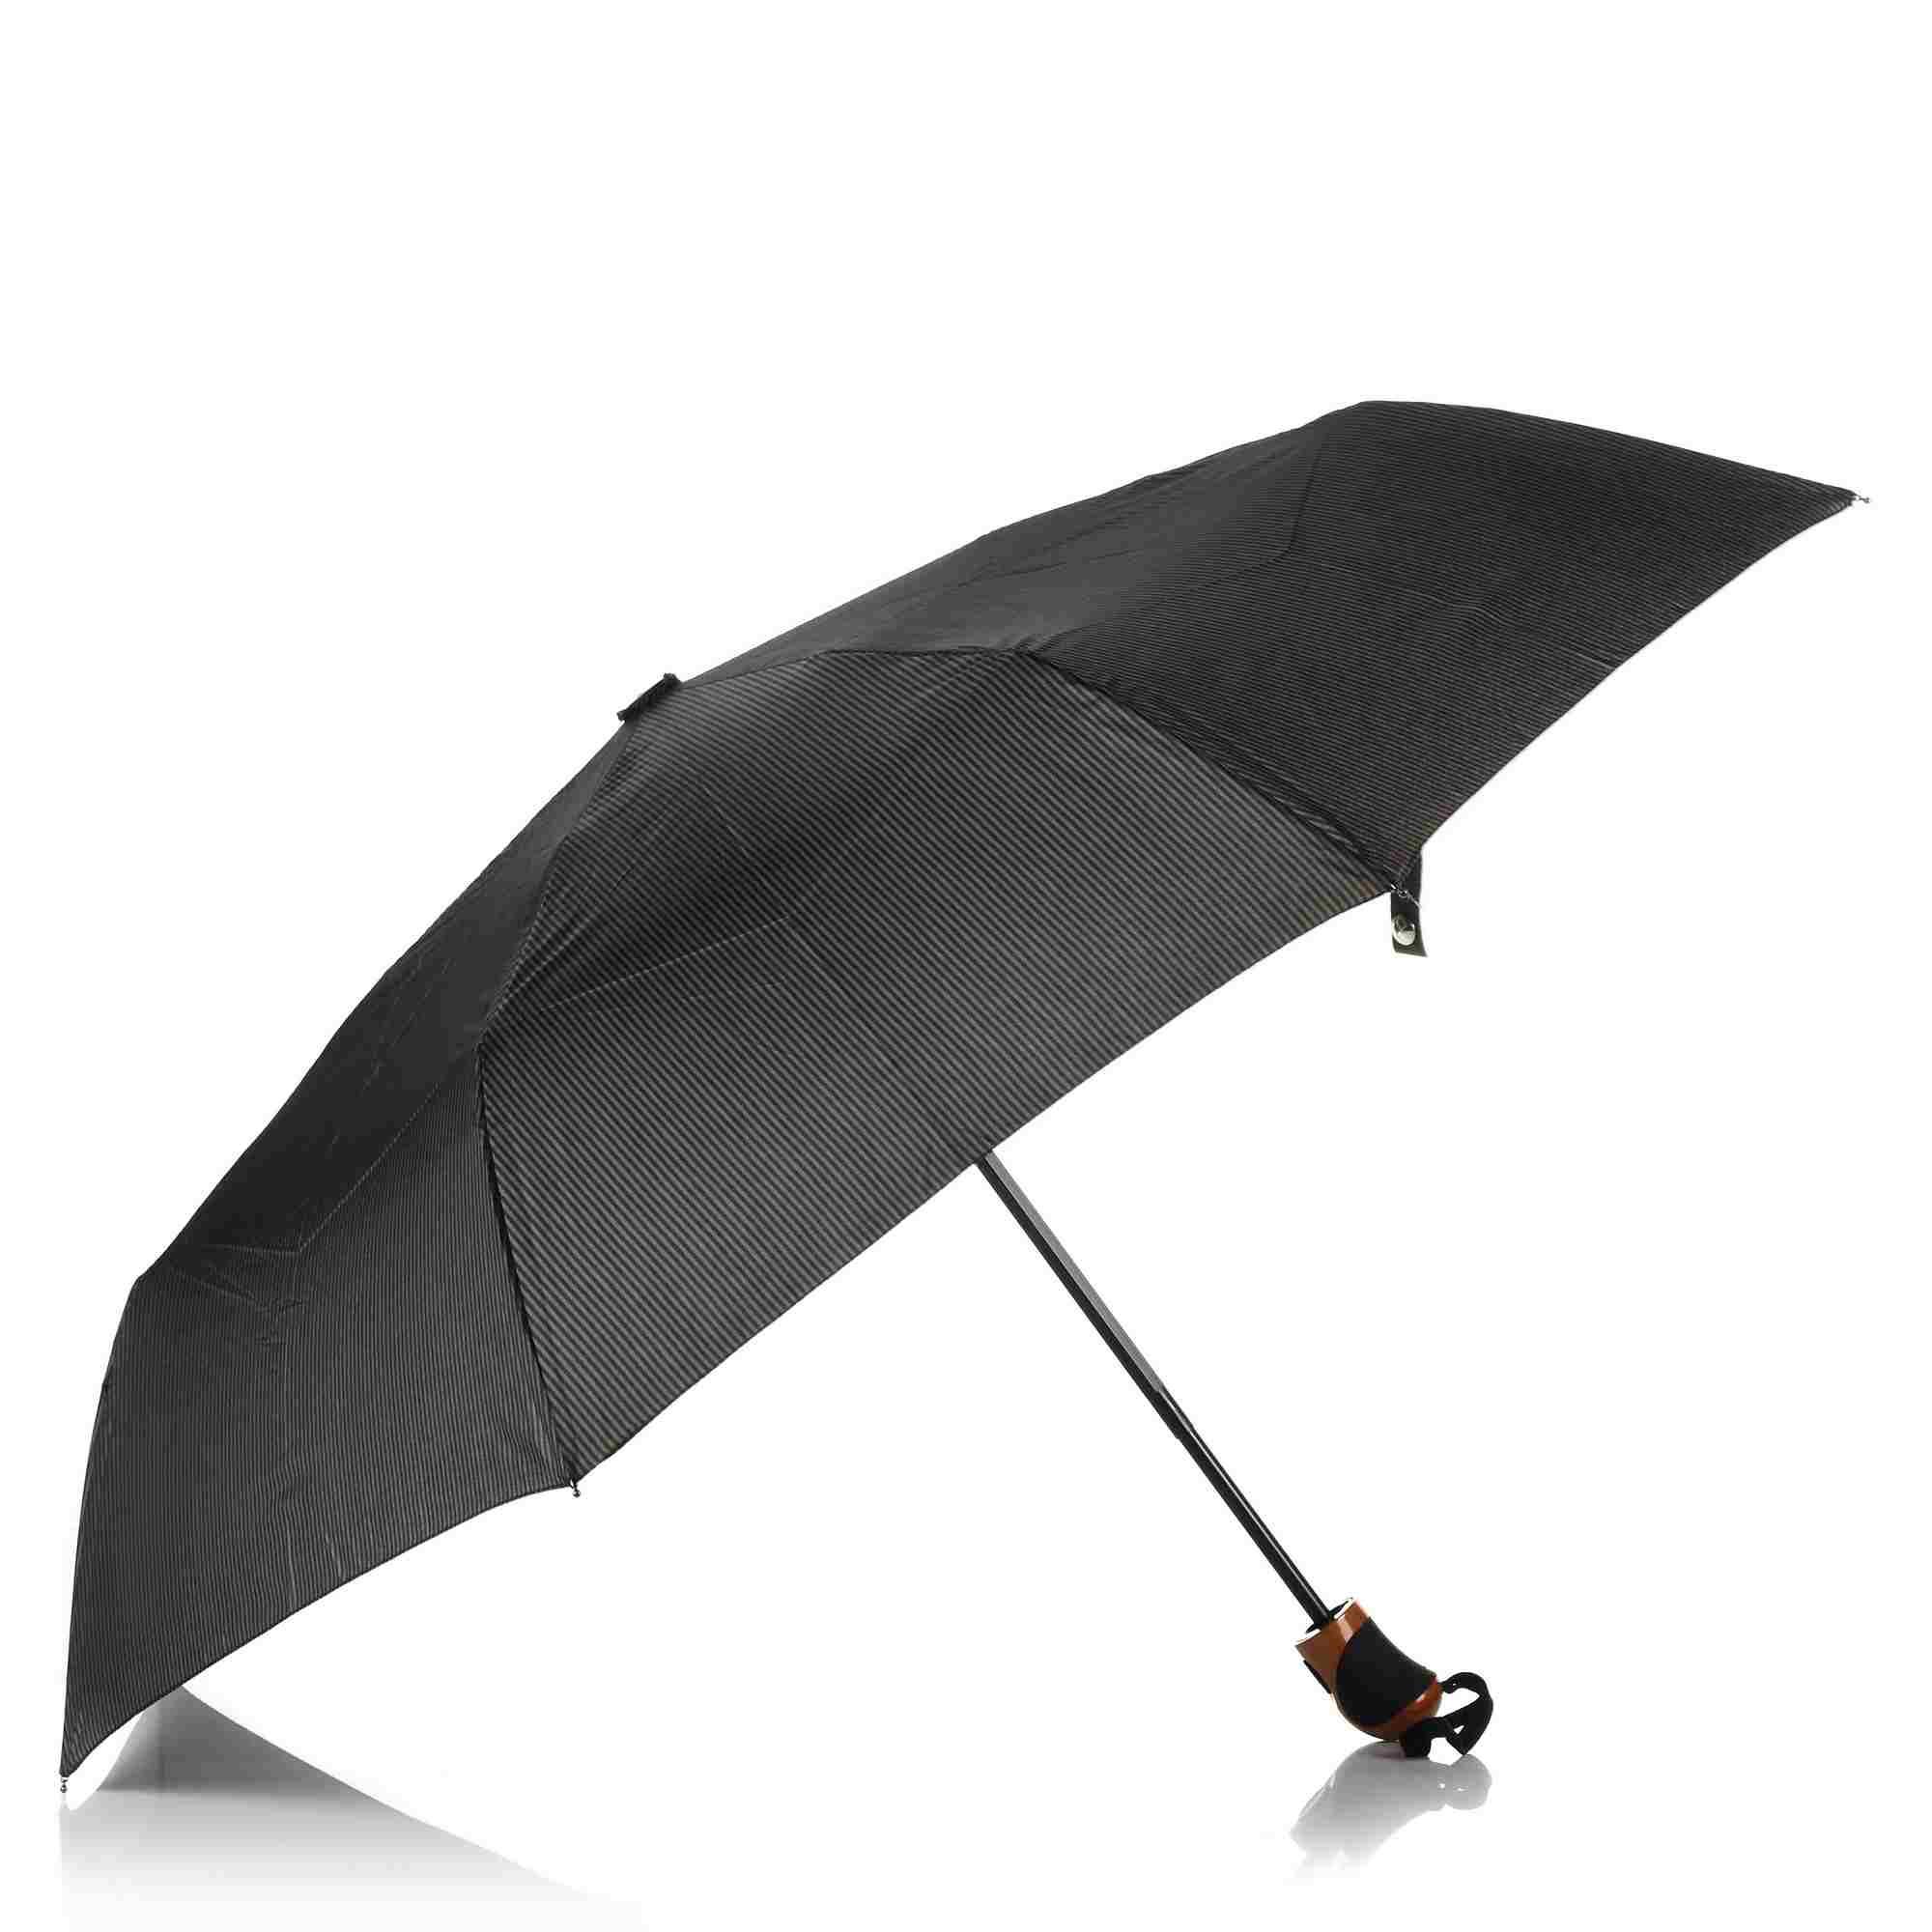 Ομπρέλα Σπαστή Renato Balestra ART.532 ανδρας   ομπρέλα